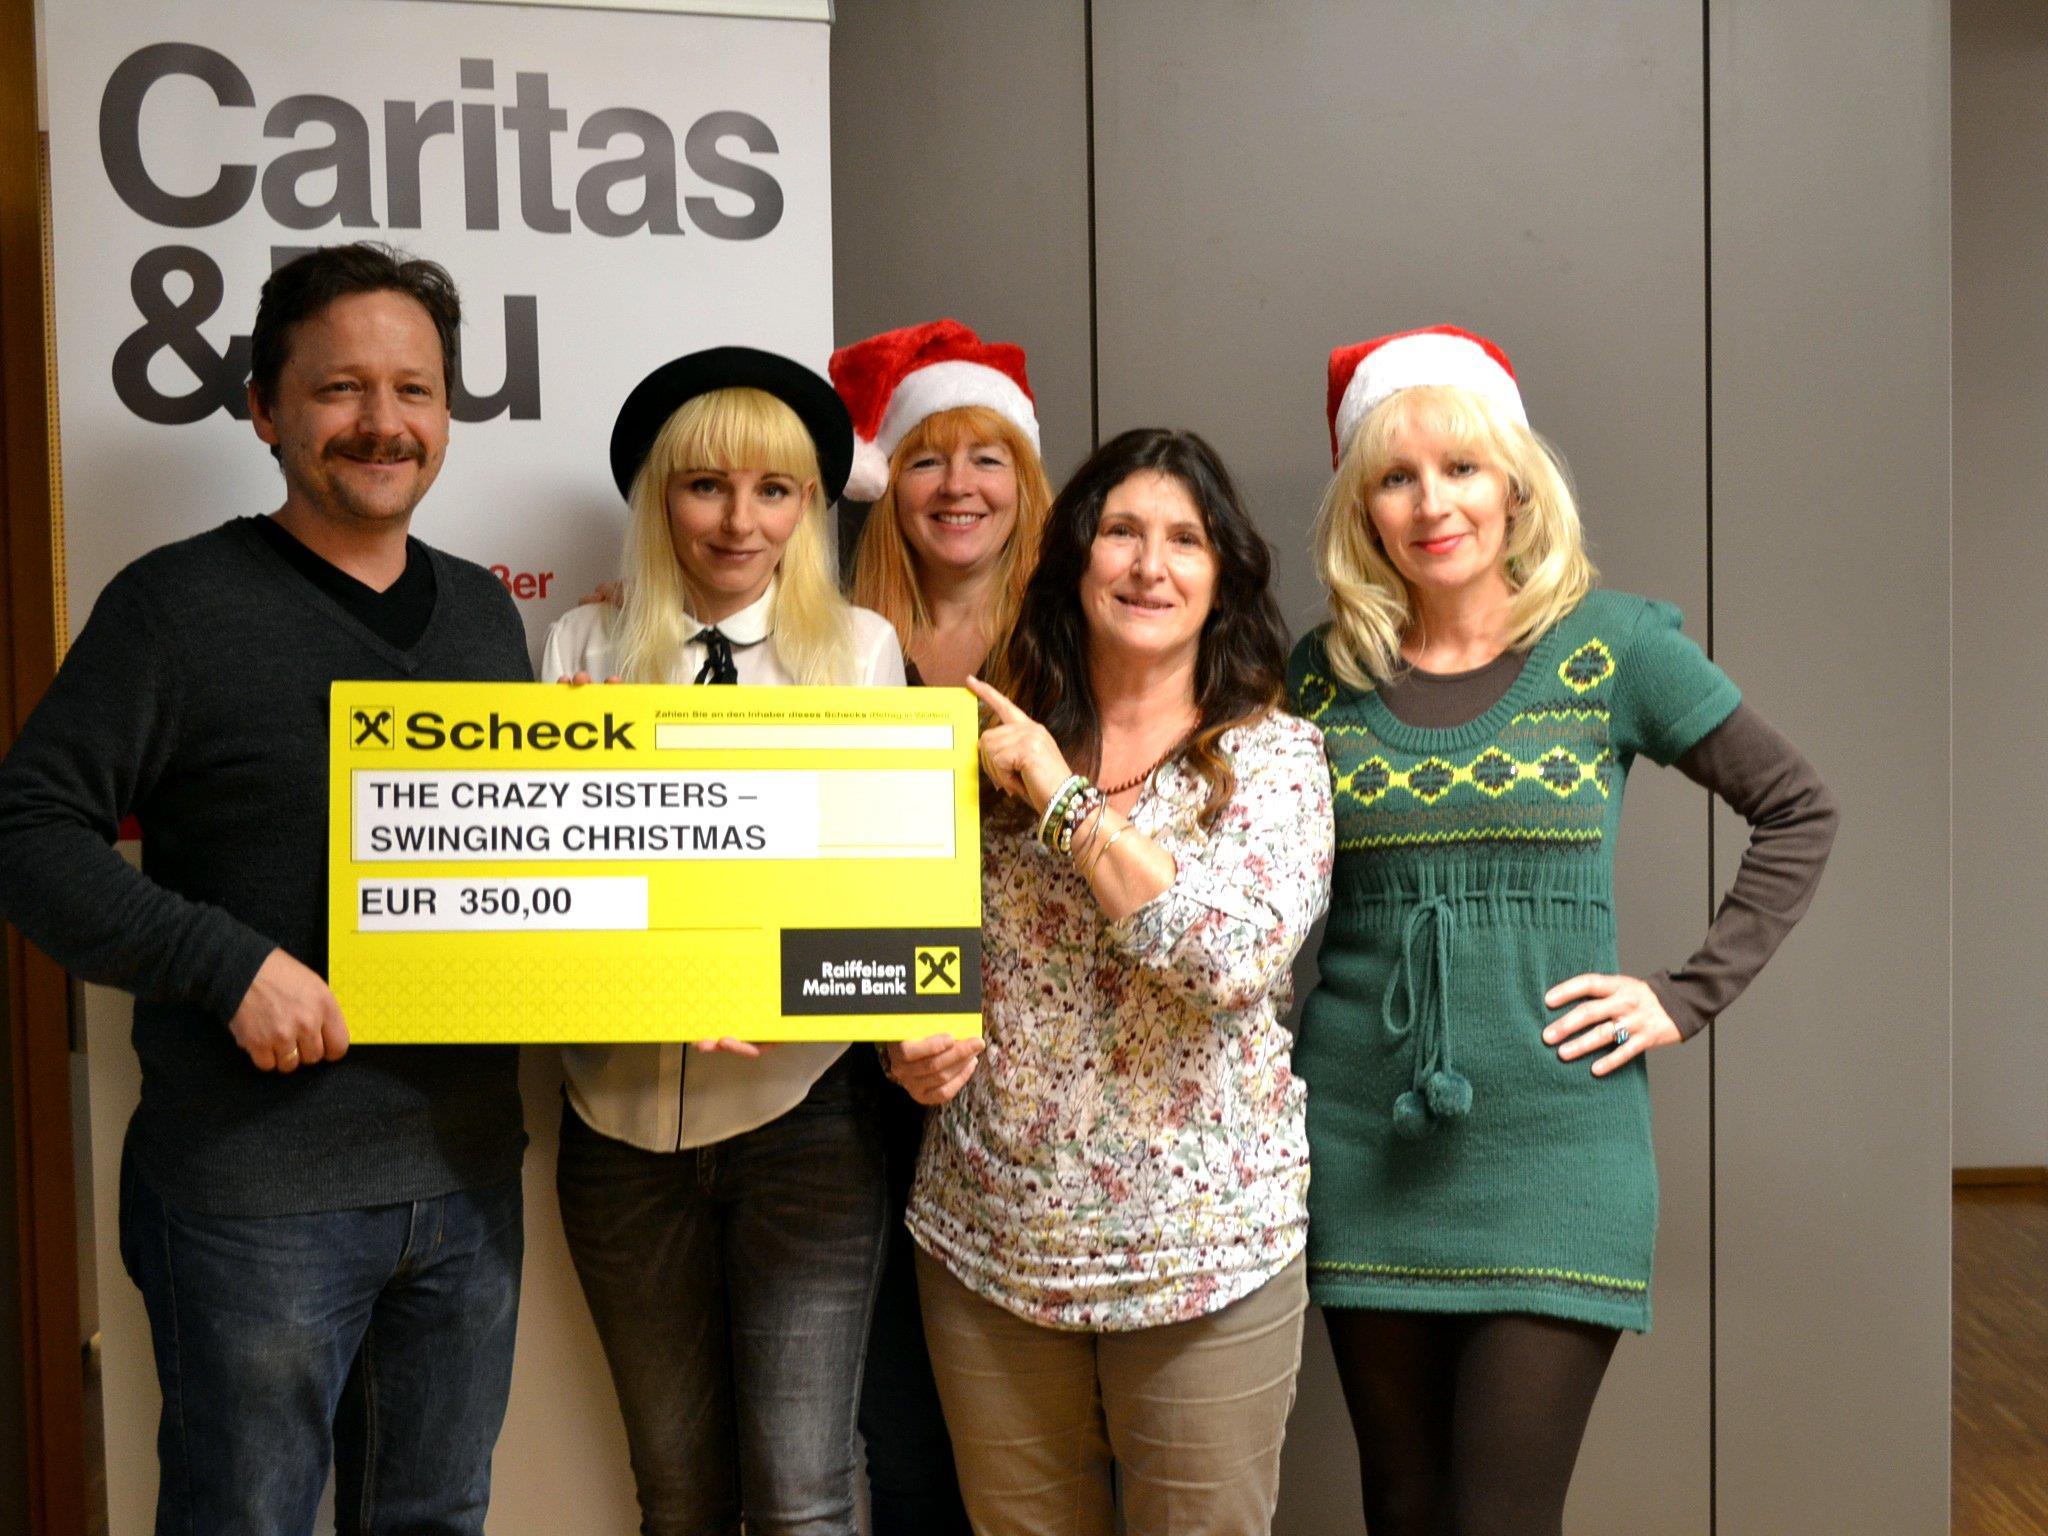 """Bei der Scheckübergabe bedankte sich Edda Borg vom Caritas Lerncafé Götzis für das großartige Engagement der """"Crazy Sisters - Karin und Bernhard Posner, Brigitte Kleinheinz und Heidi Dittmann - recht herzlich."""